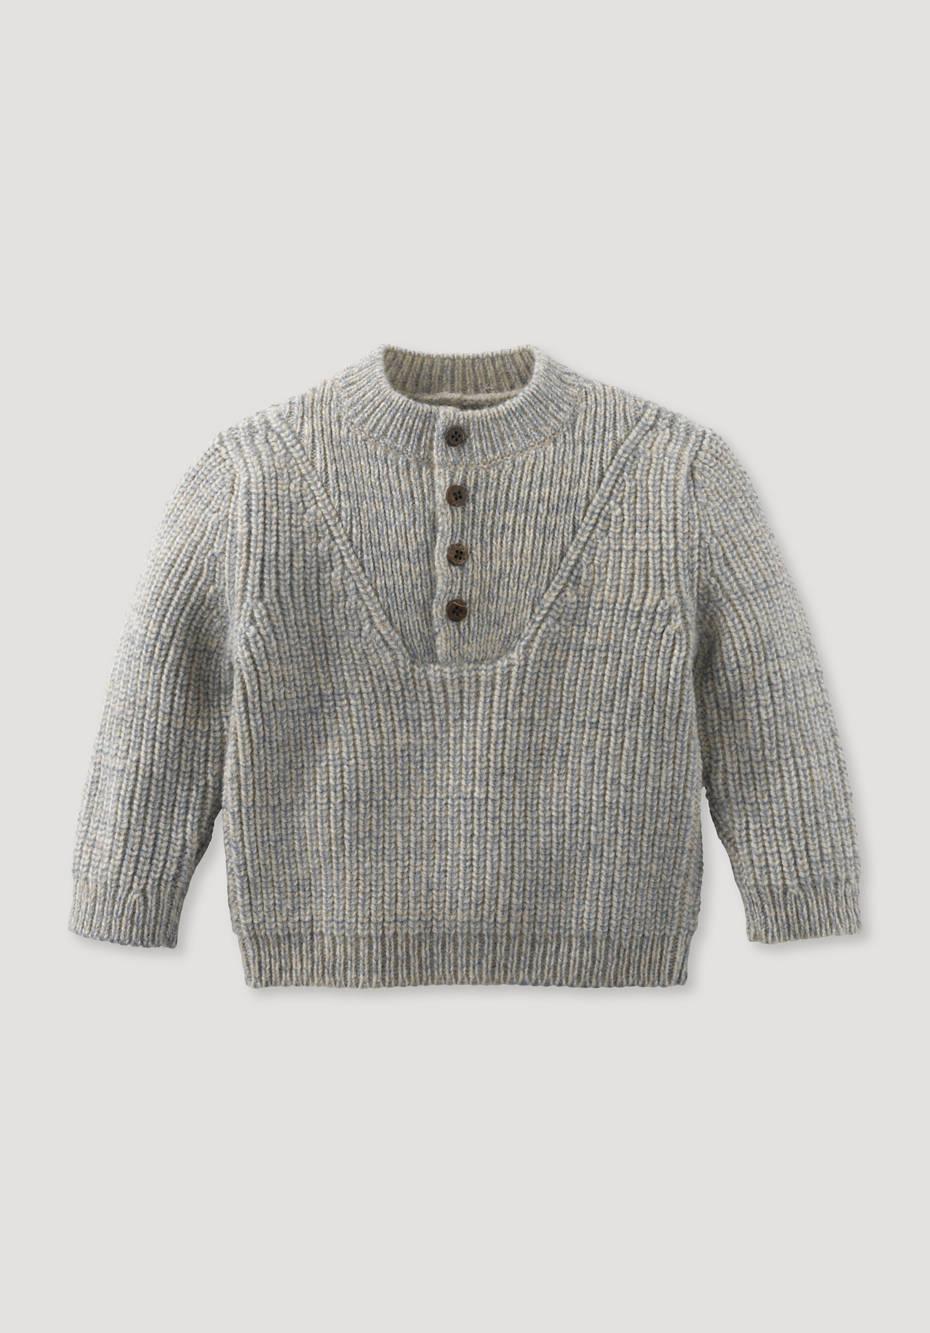 Sweater made from pure organic merino wool